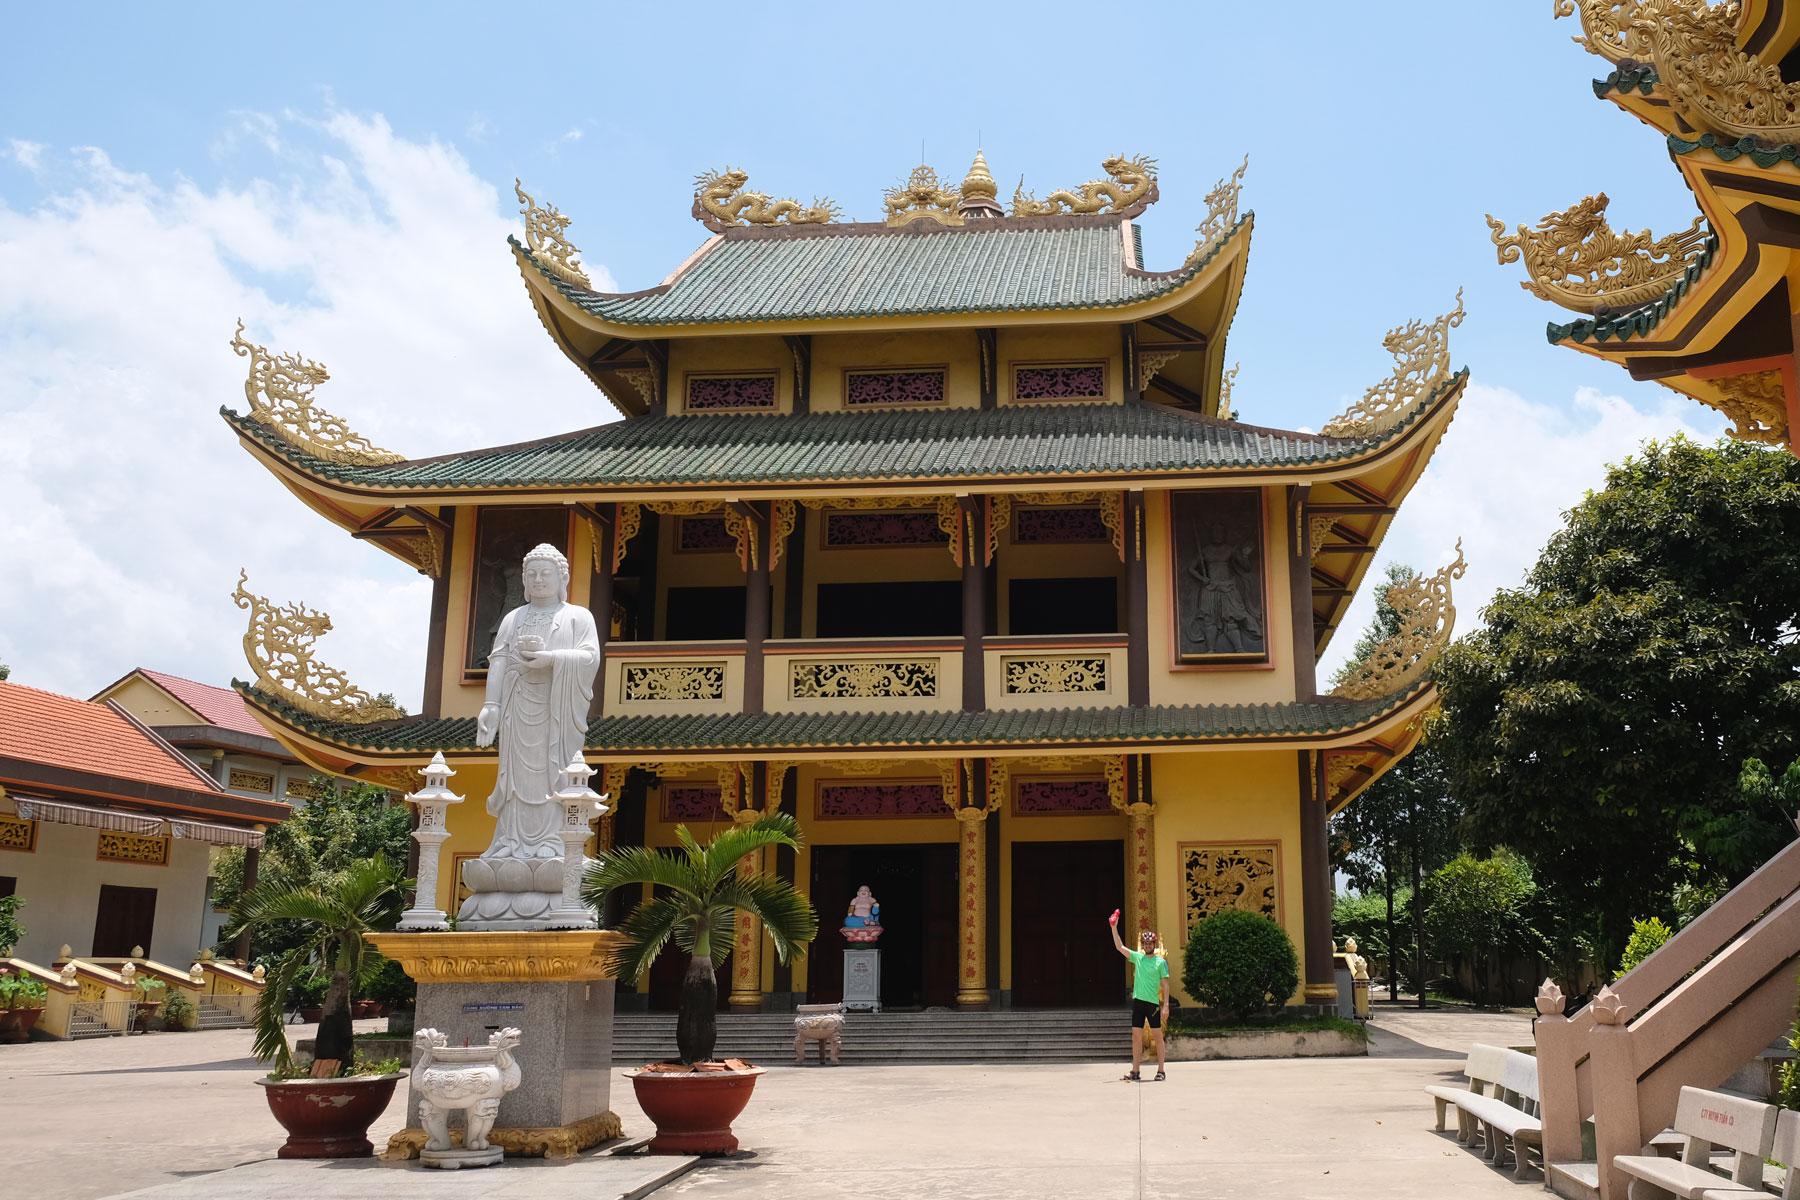 Sebastian steht vor einem Tempel im Süden Vietnams.